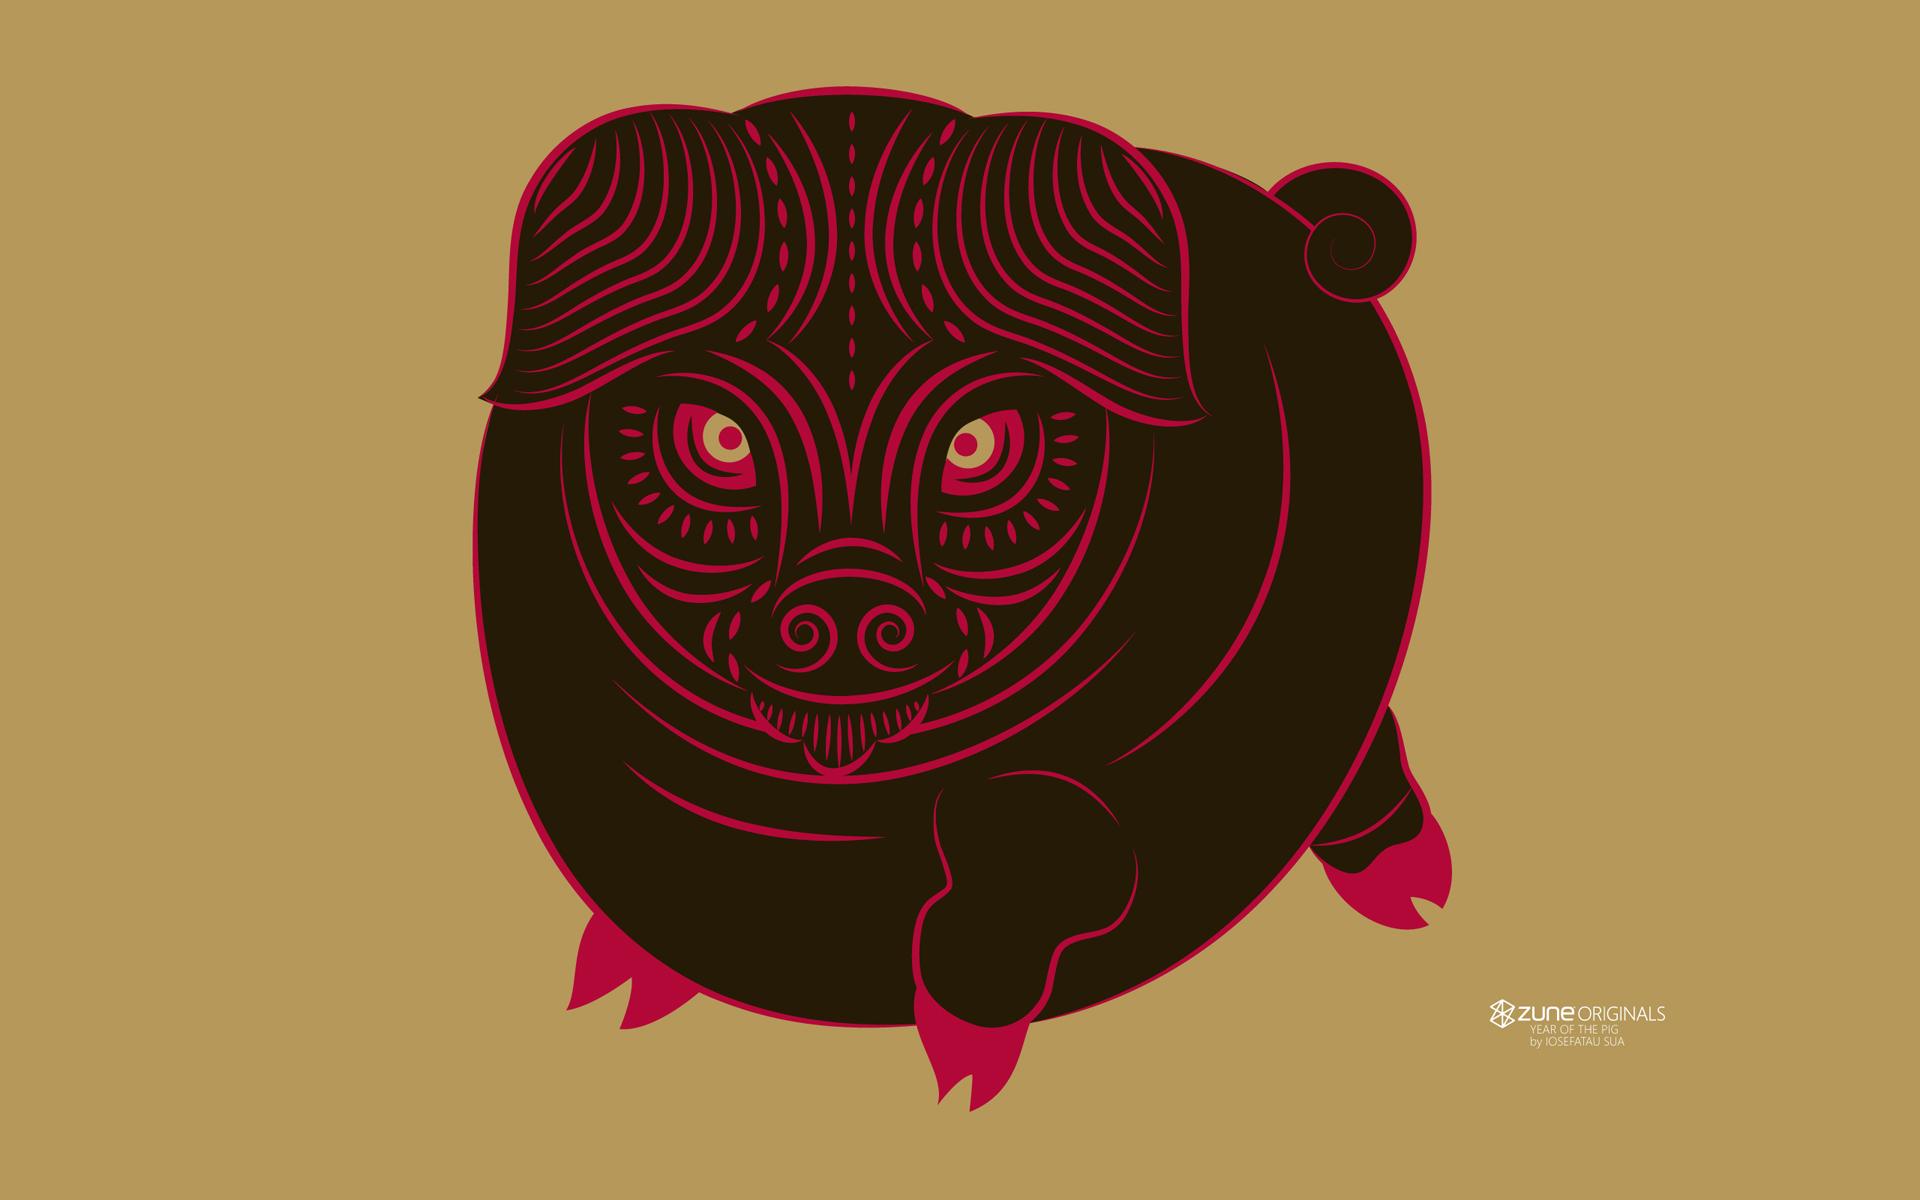 tahun of the Pig